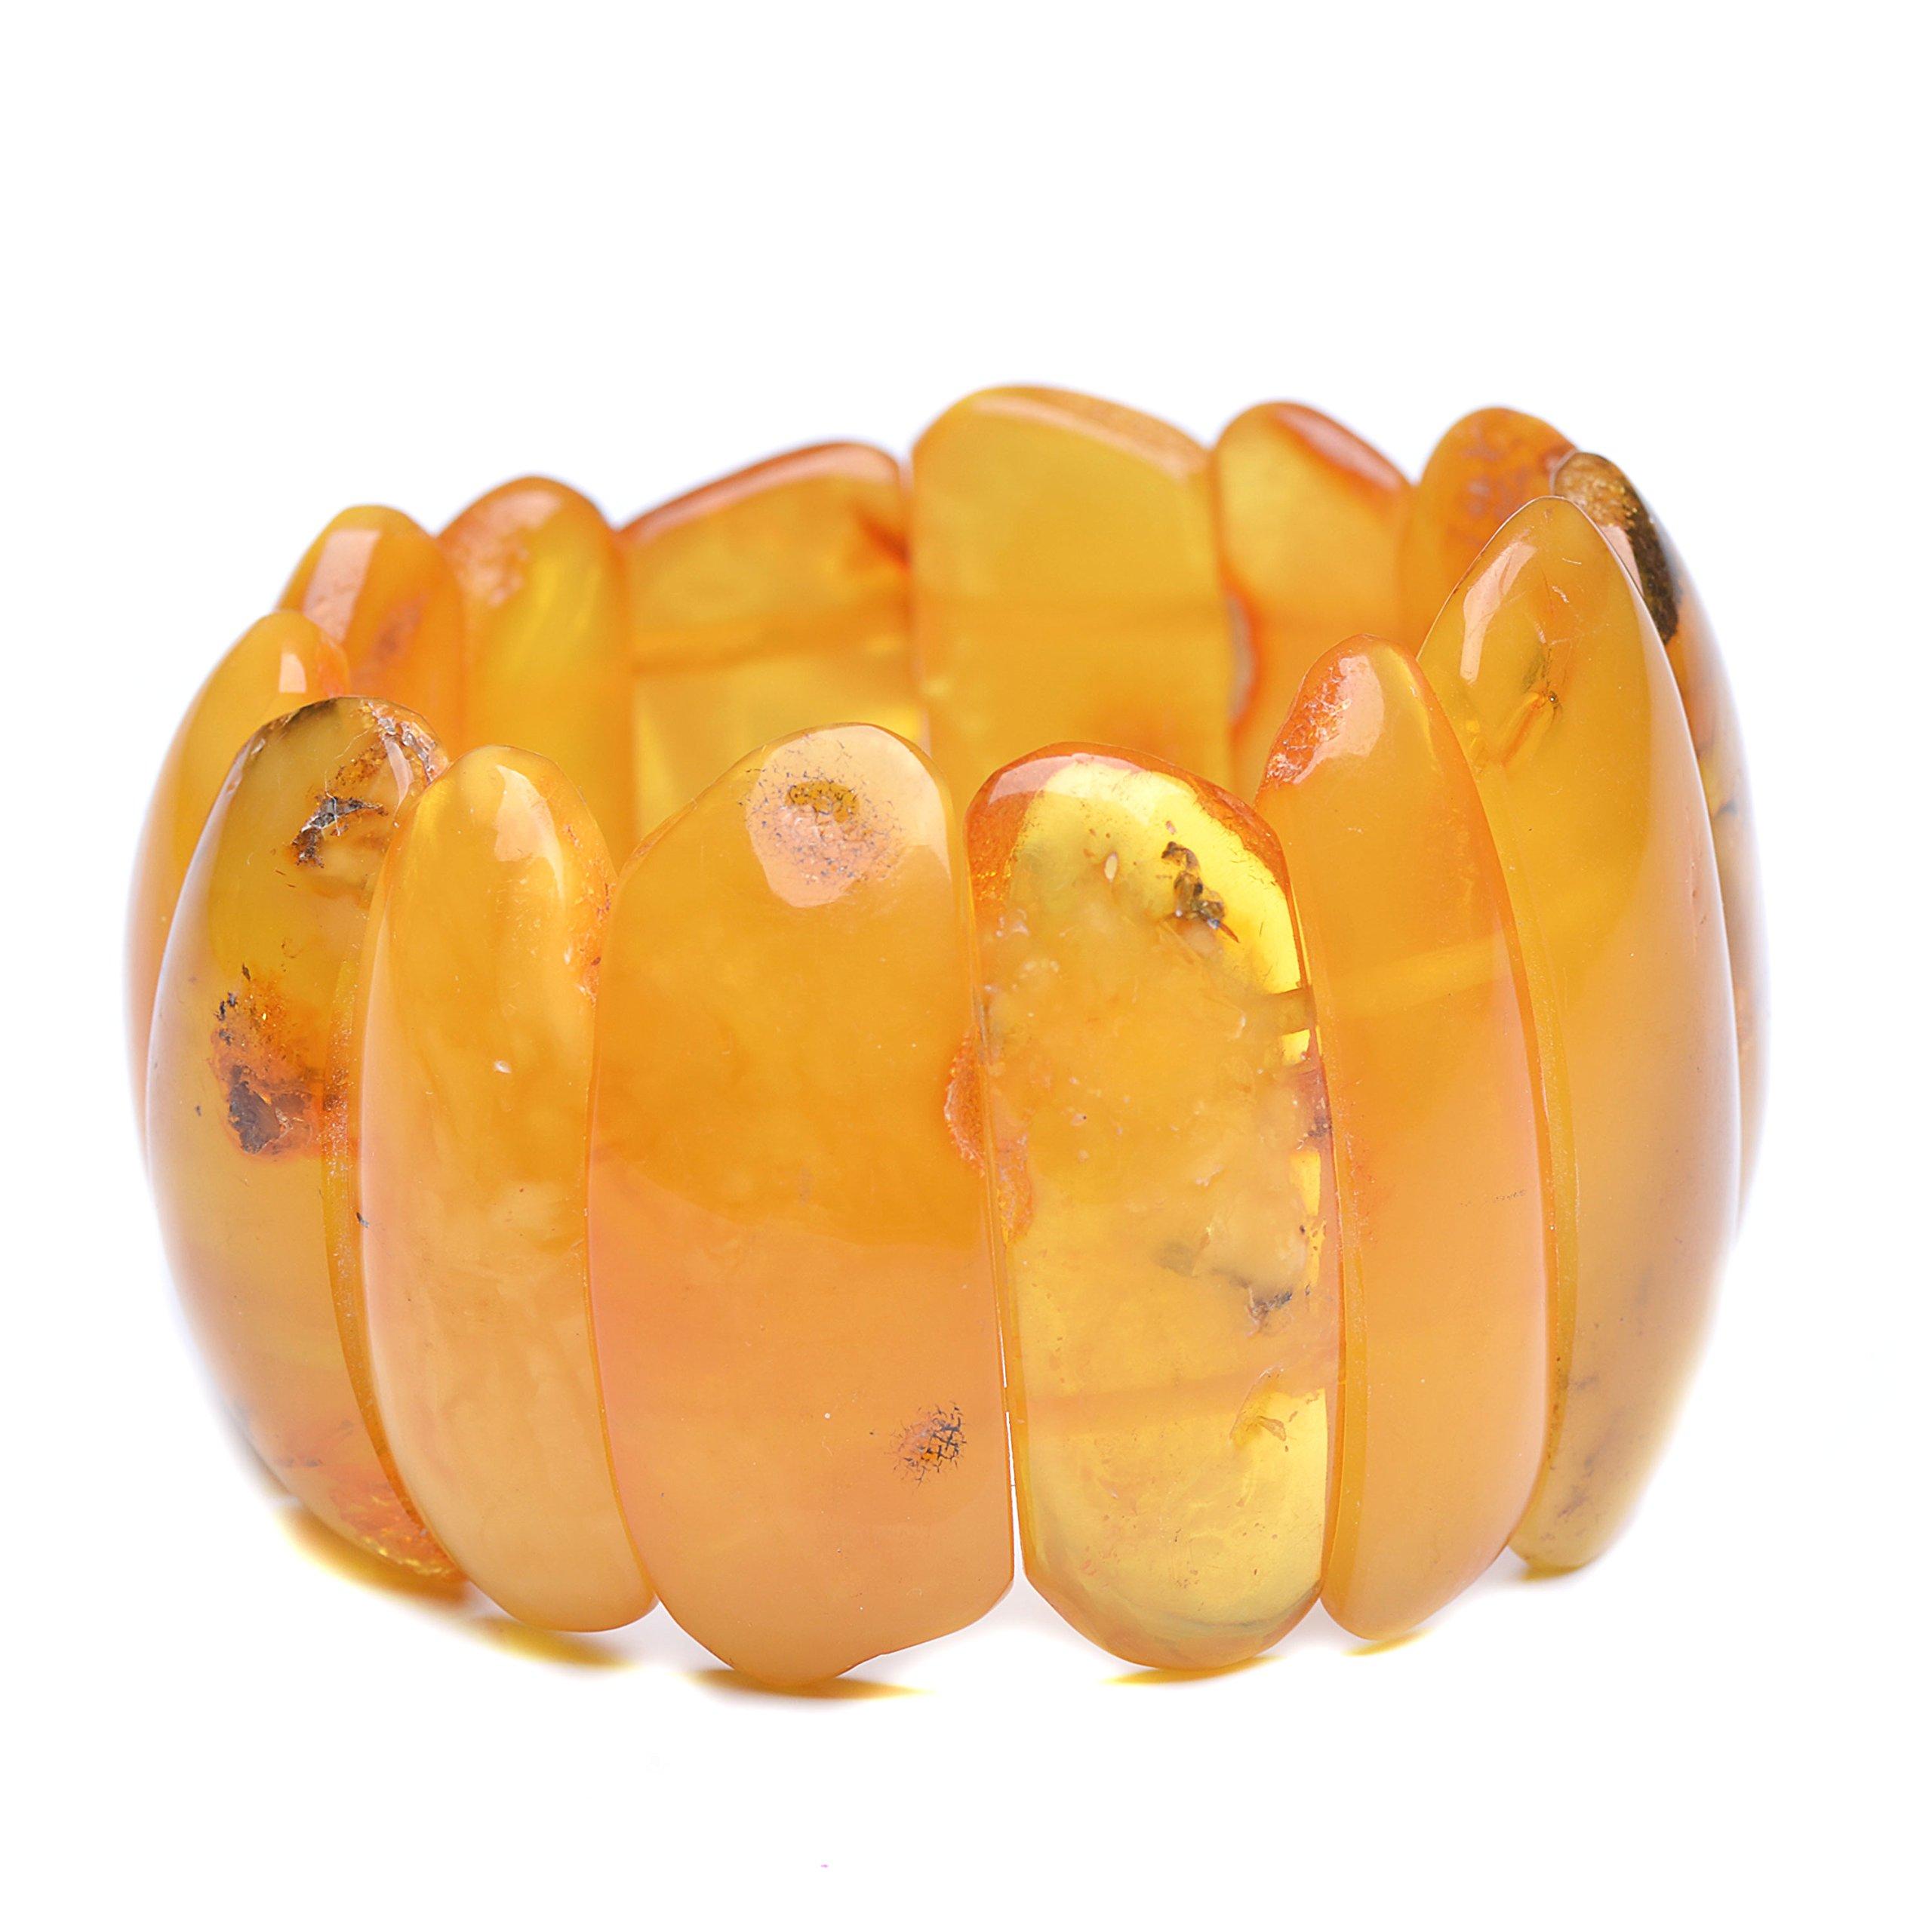 Vintage Amber Bracelet - Unique Amber Bracelet - Certified Handmade Amber Bracelet - Genuine Amber Bracelet (6.7 inches, Butterscotch) by Genuine Amber